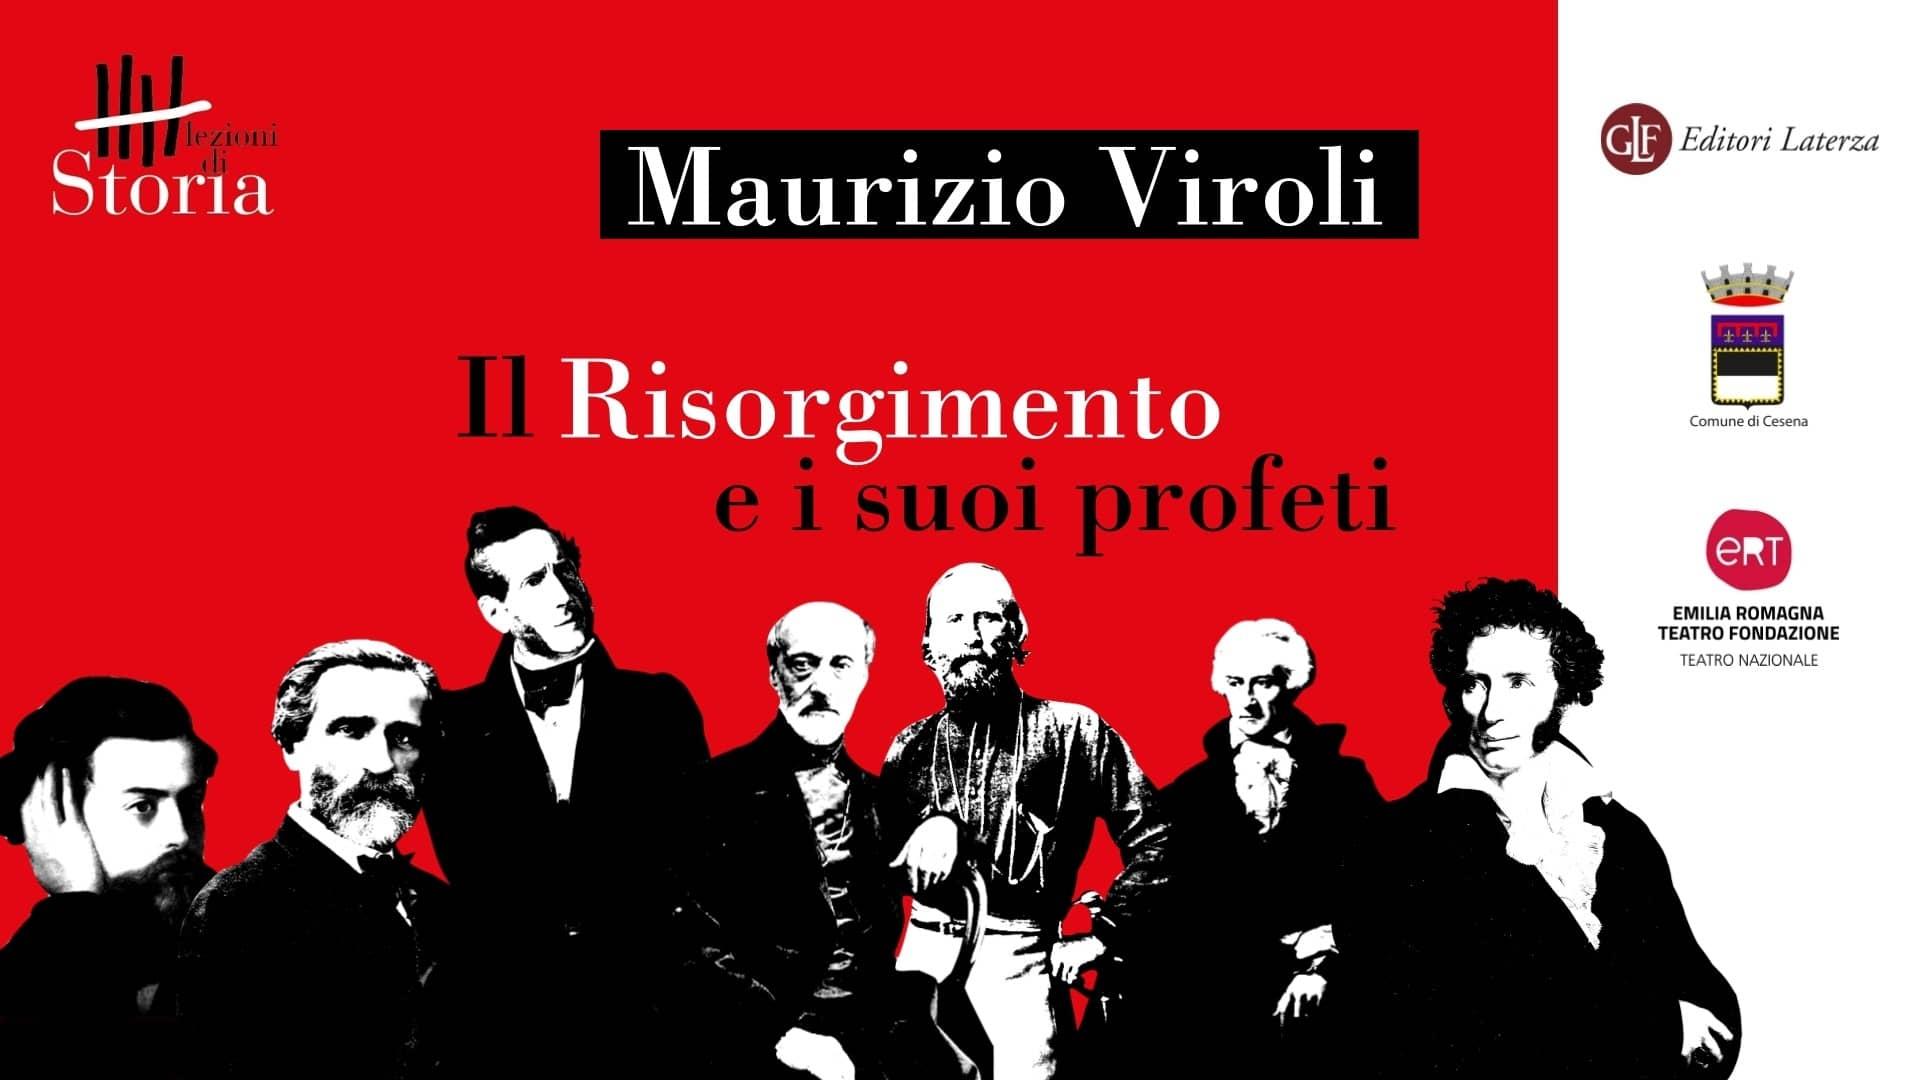 Il Risorgimento e i suoi profeti